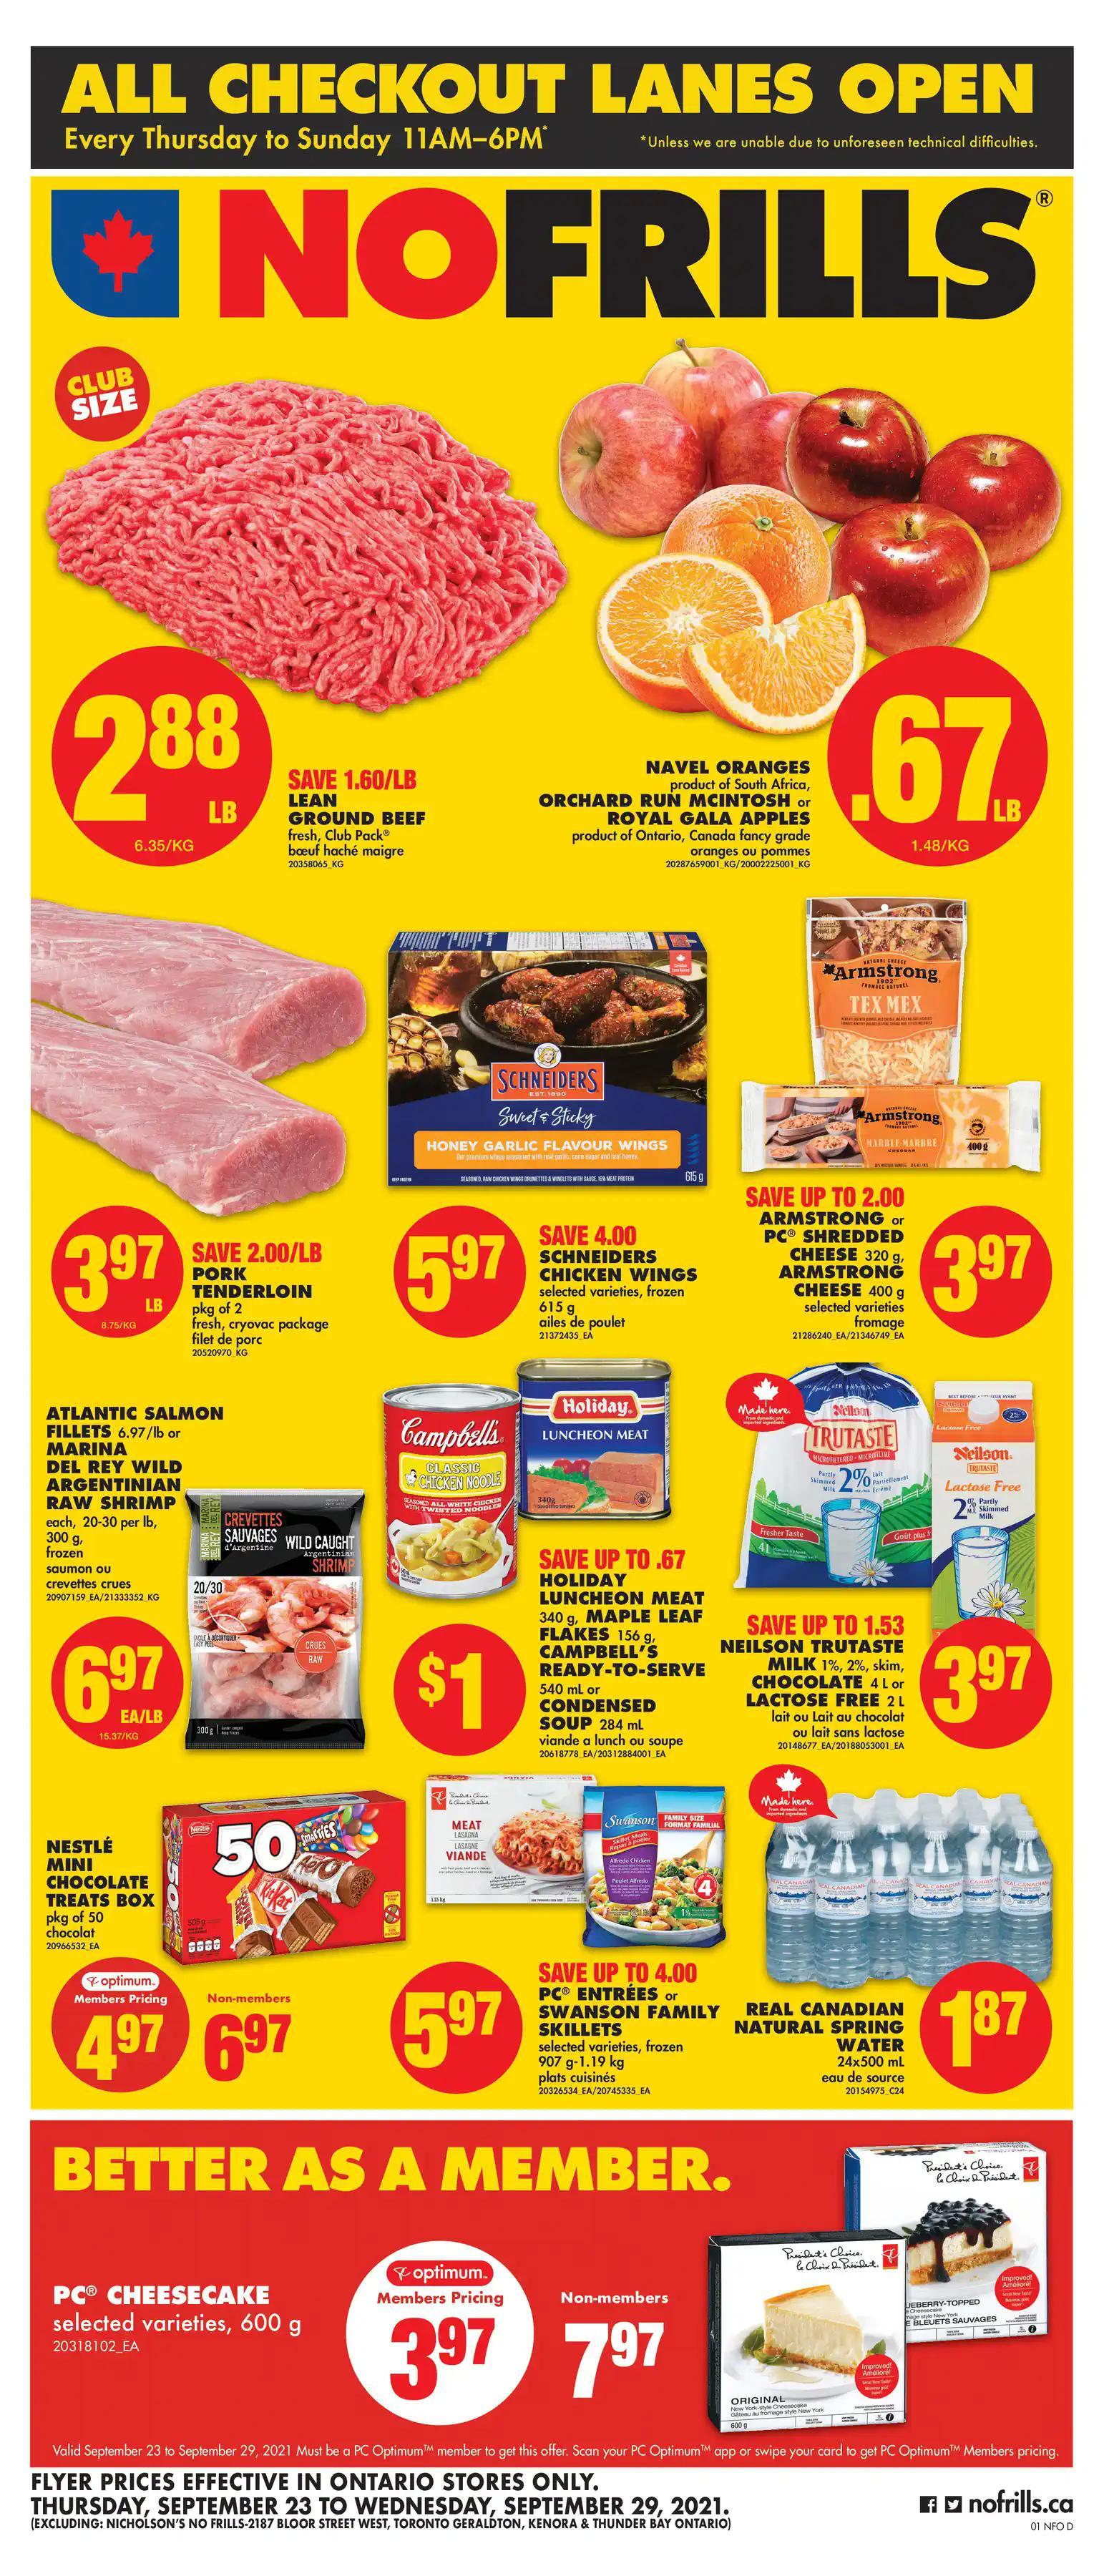 No Frills Ontario - Weekly Flyer Specials